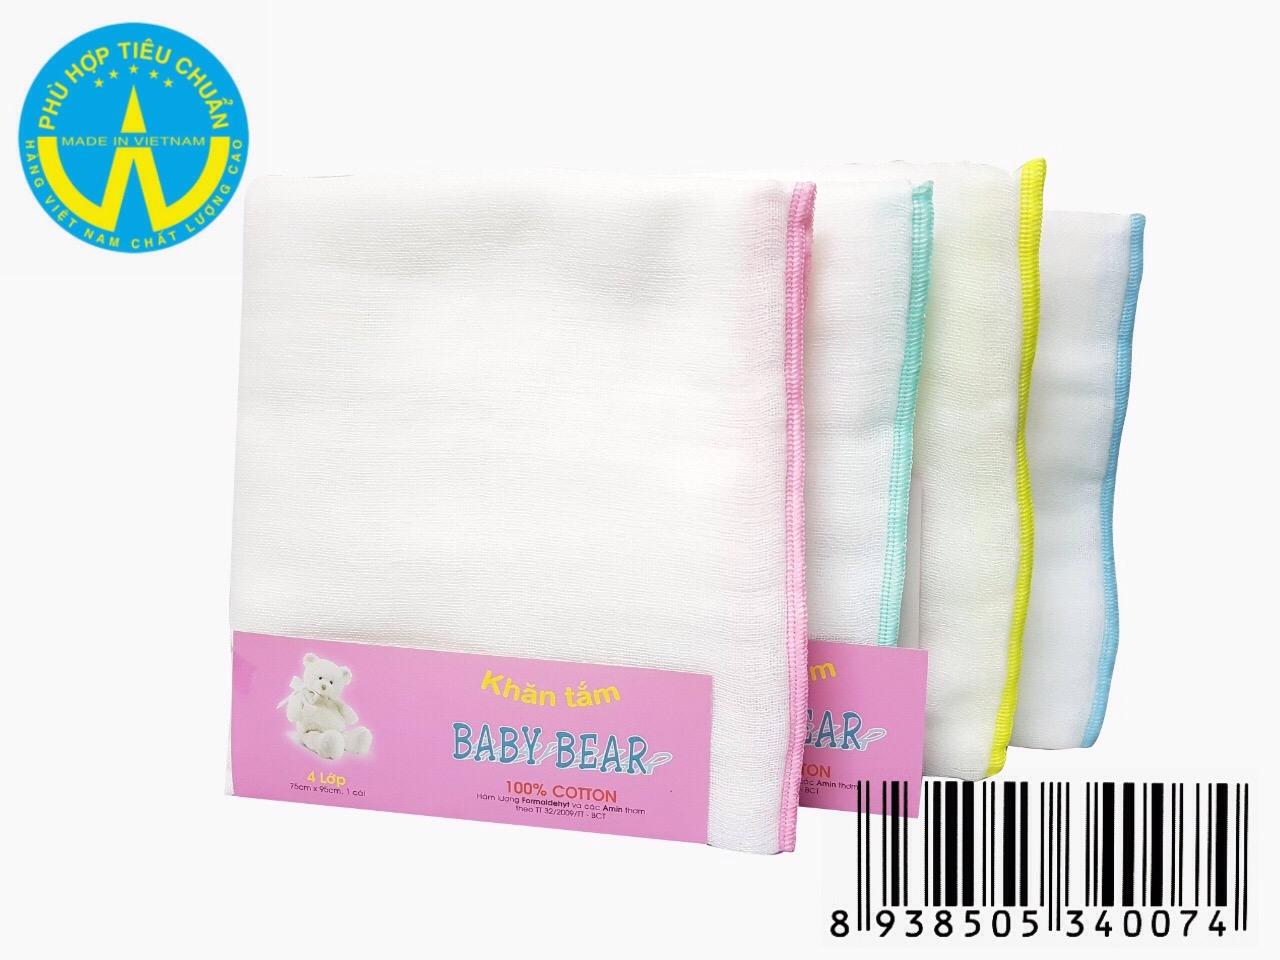 Khăn tắm Baby Bear 4 lớp 1 Cái 75 cm x 95 cm